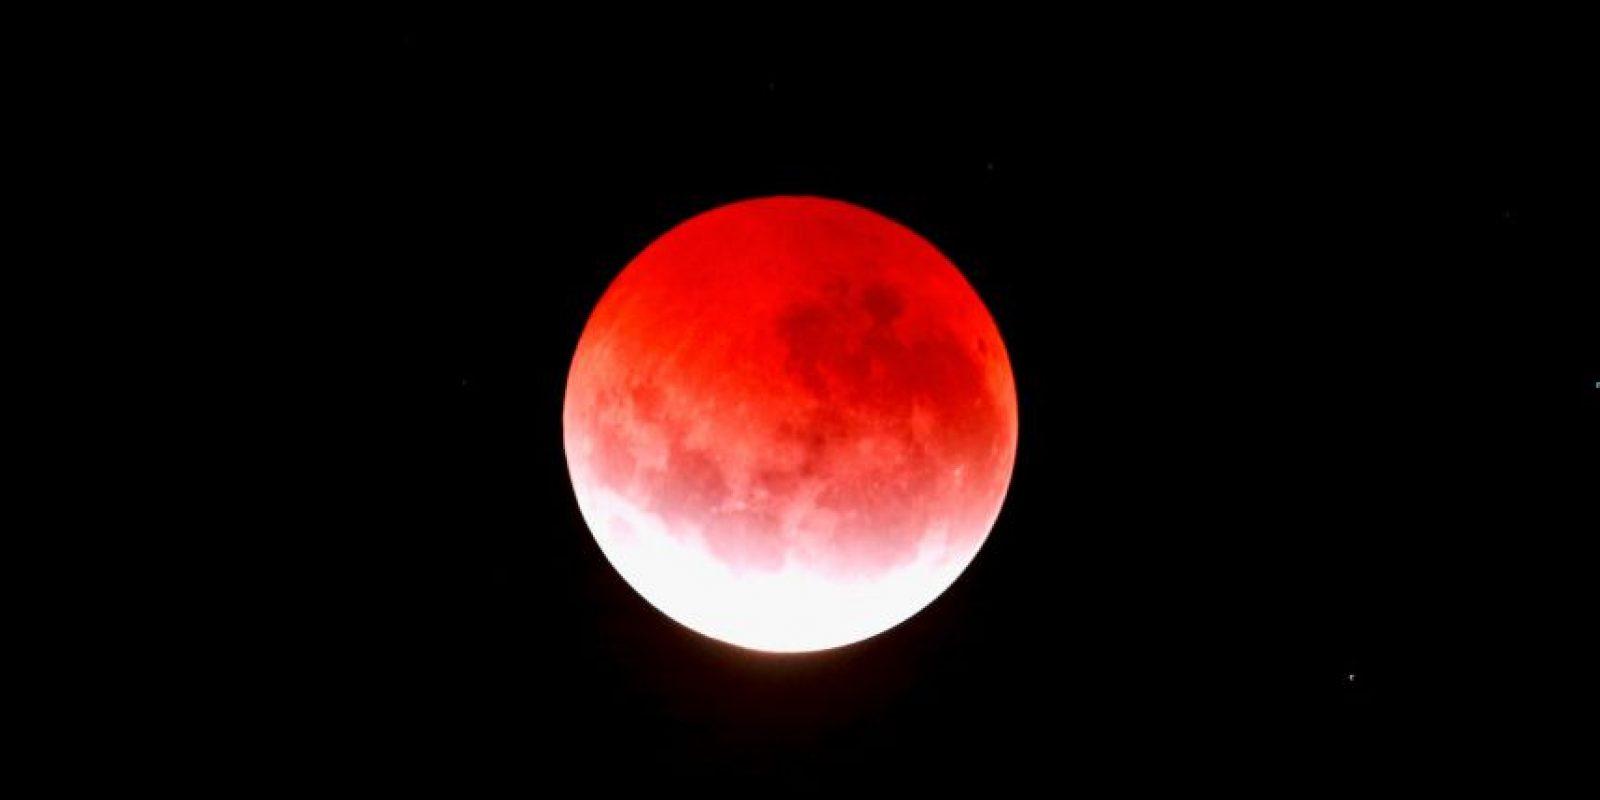 """De acuerdo con los intérpretes de la Biblia, el """"Día Grande de Yaveh"""" habla del final del mundo, el cual sucedería después de la luna se convirtiera en sangre. Foto:Getty Images"""